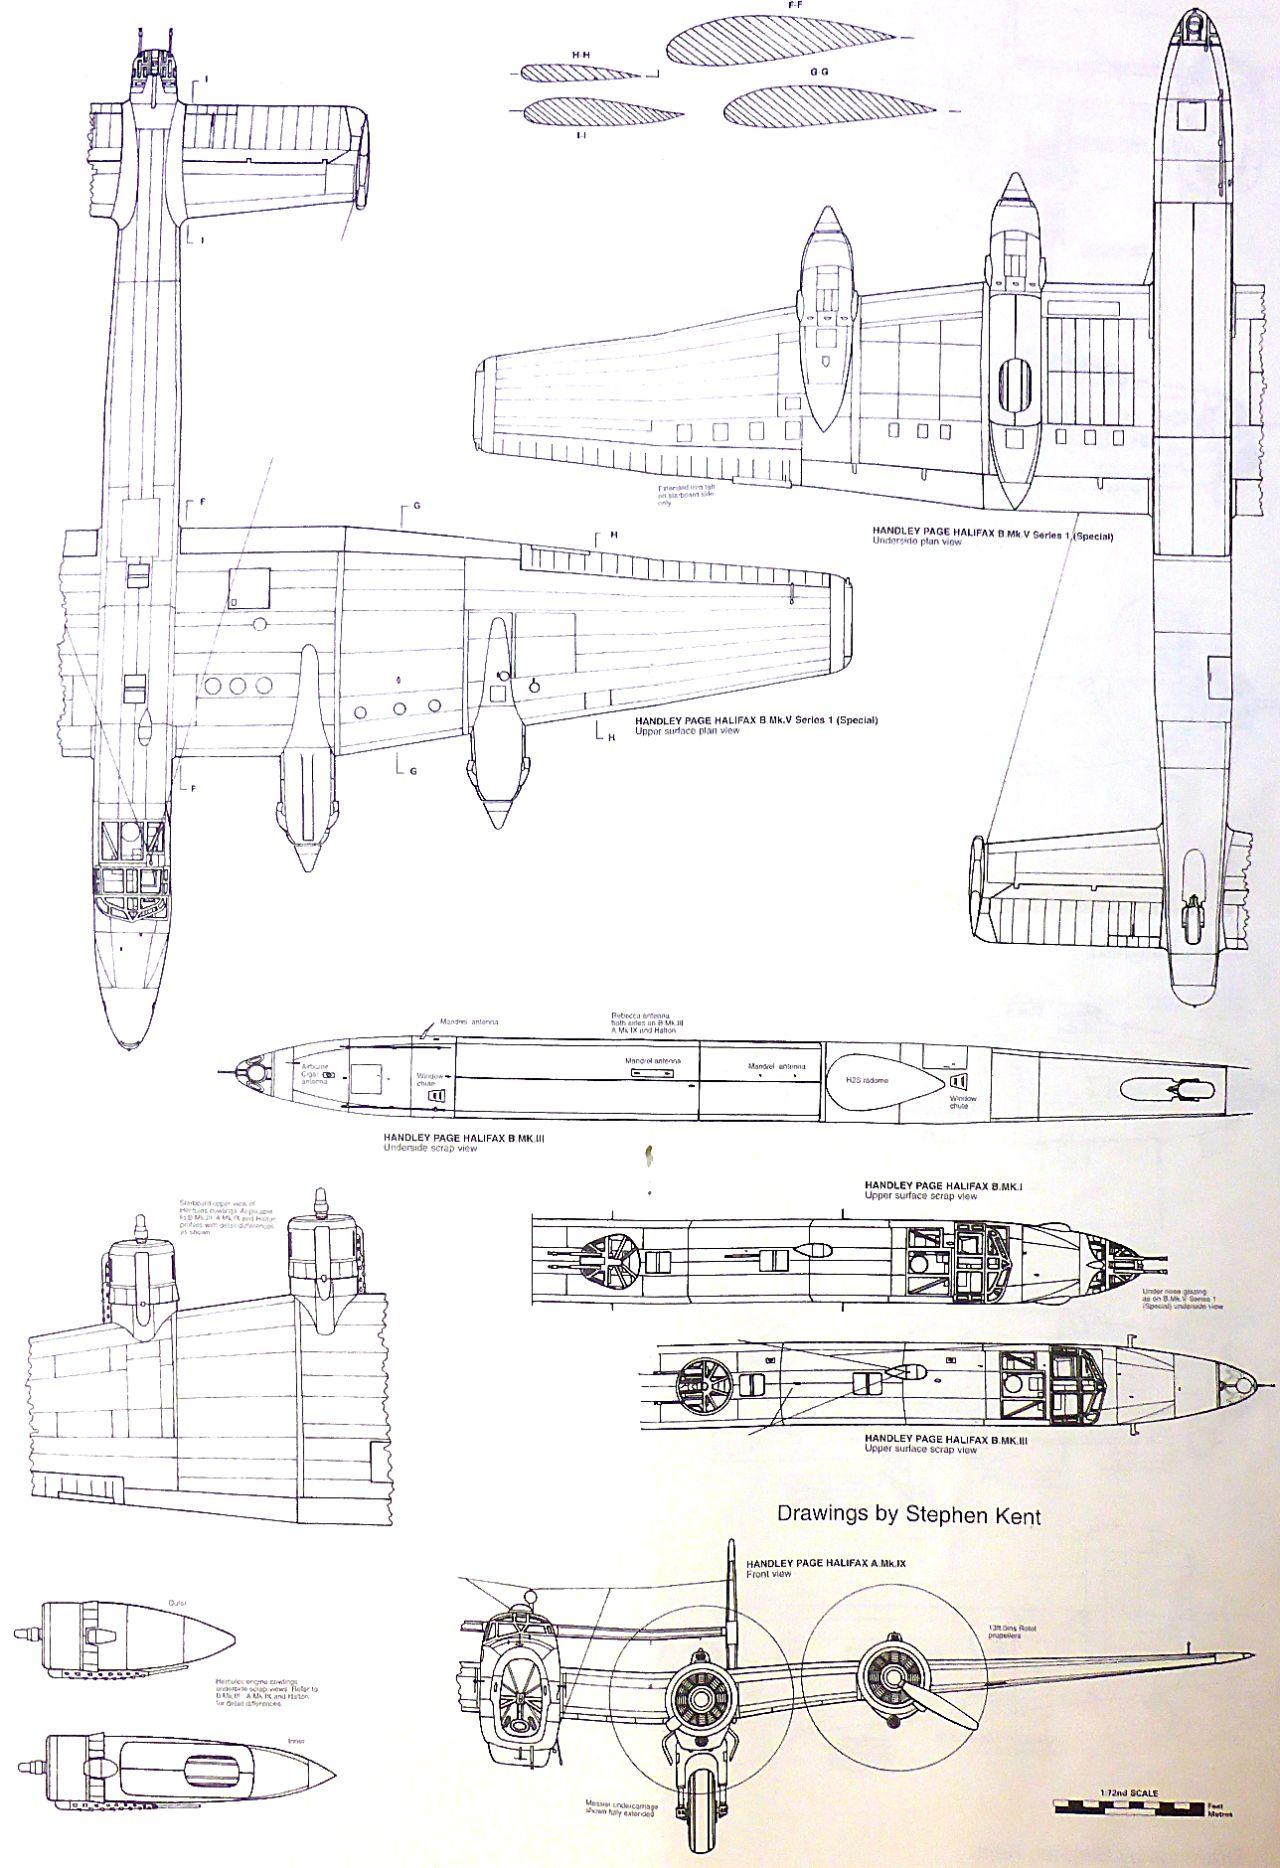 Fil rouge 2021 * Handley Page HALIFAX B III - Airfix 1/72 Hali-014